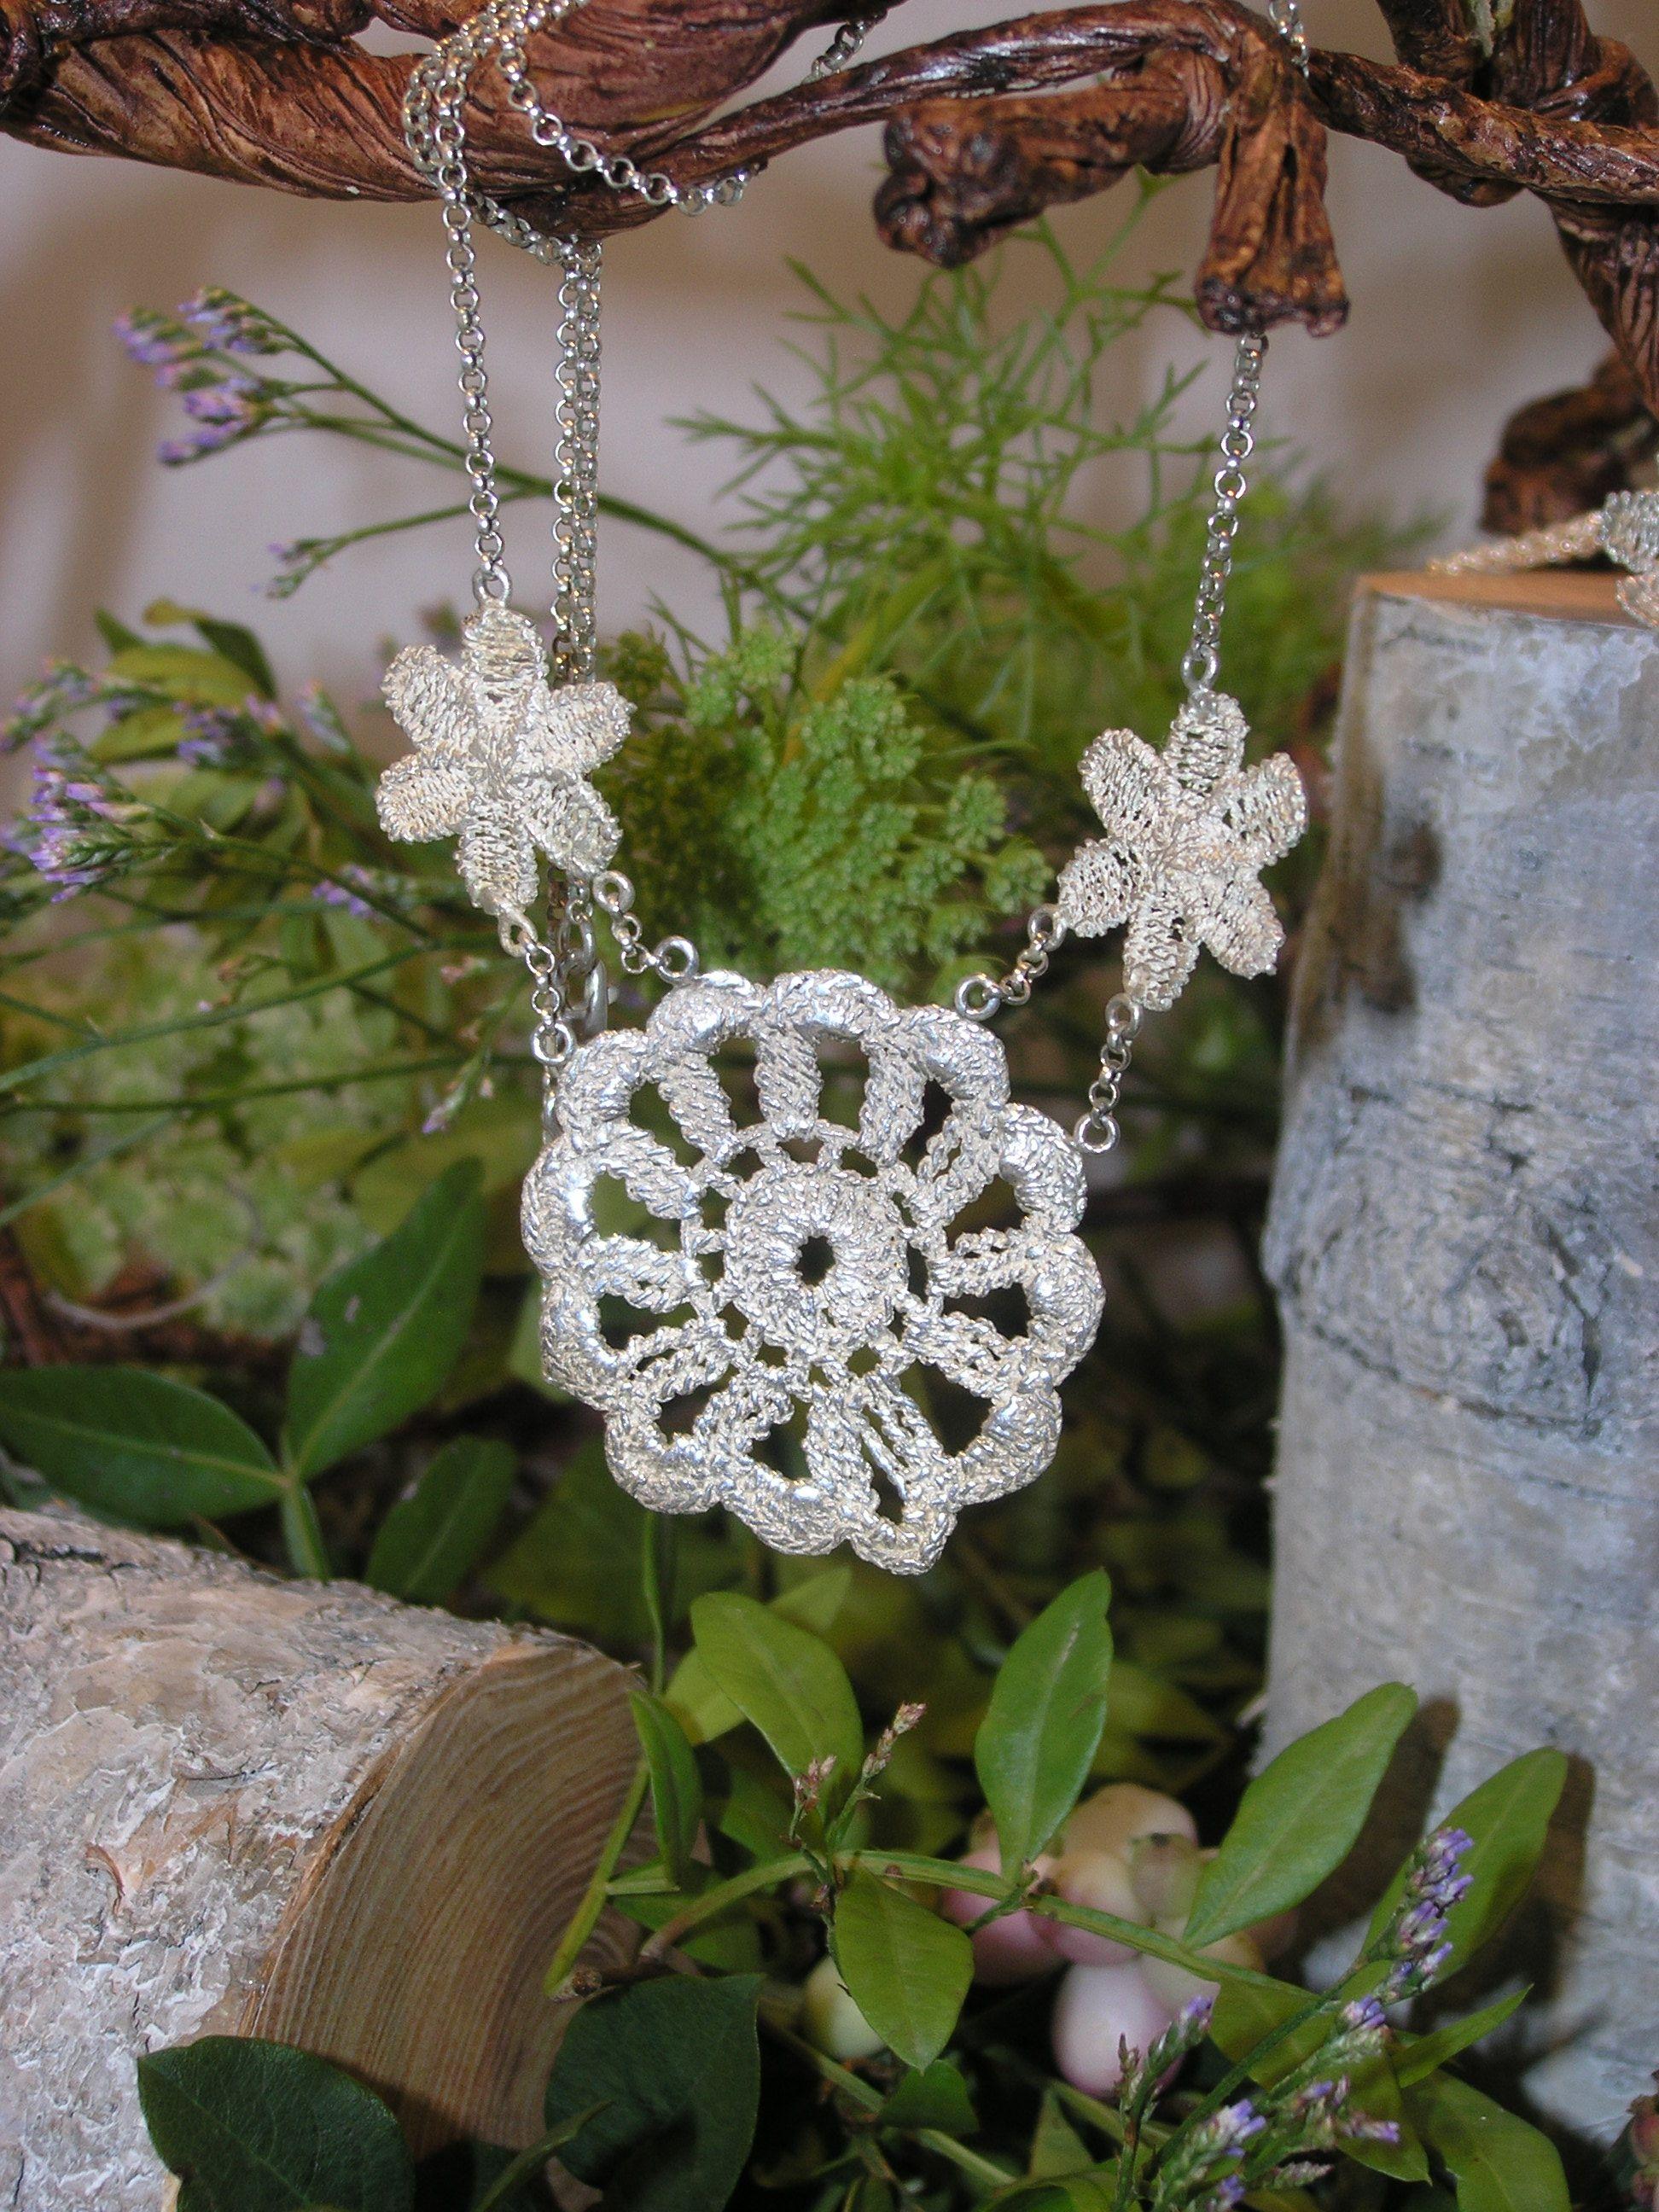 Zilveren collier. In zilver gegoten kant - Door Jeannette de Brouwer (Jeann@ Goudsmid) || #sieraden #collier #ketting #zilver #kant #goudsmid #juwelier #handgemaakt #handmade